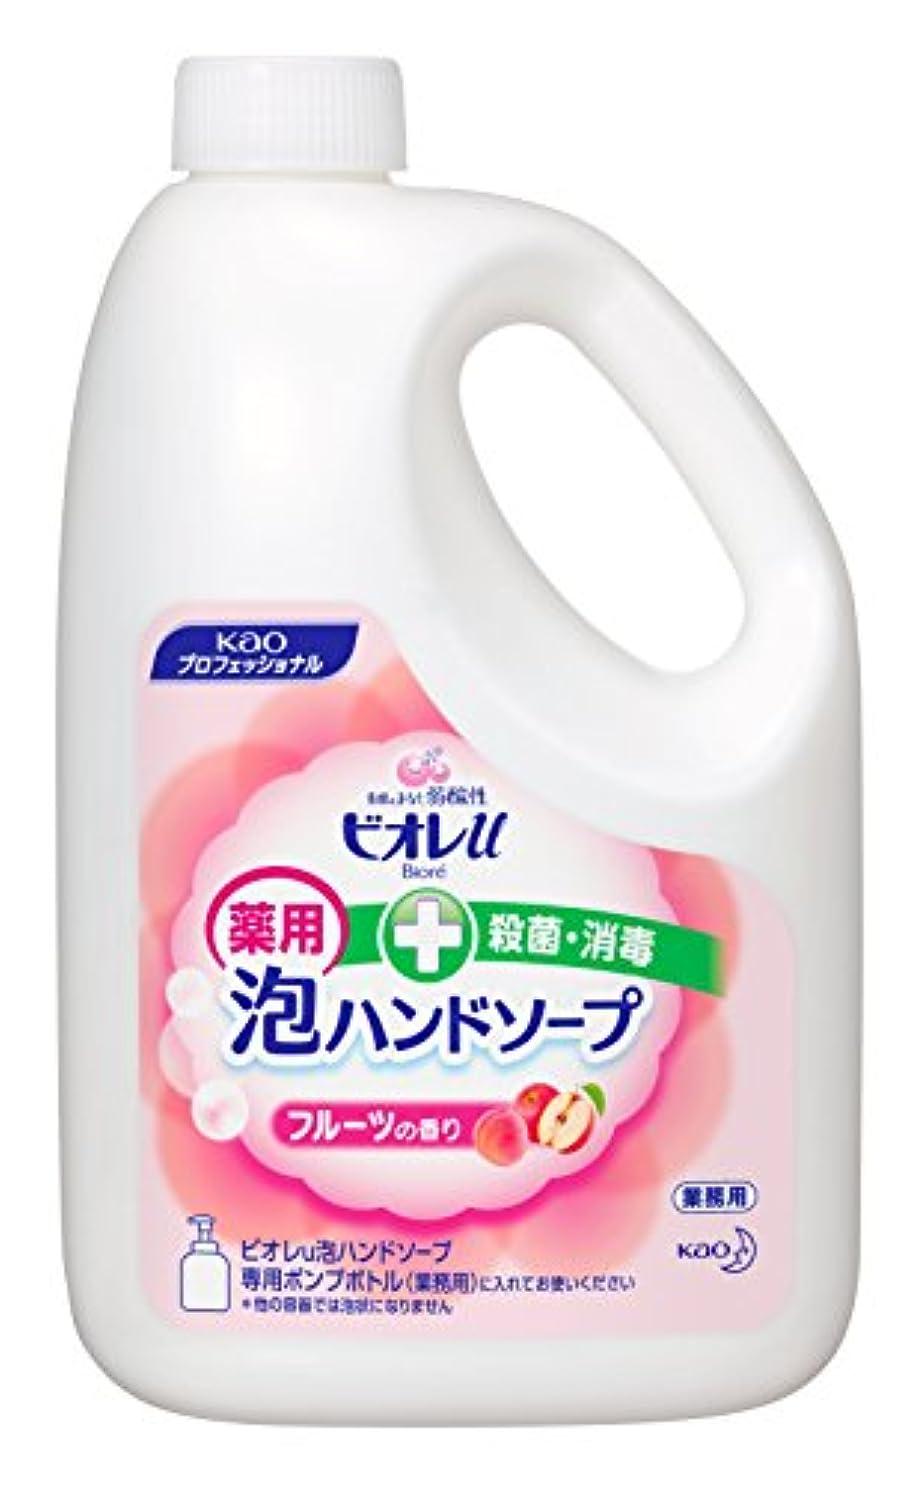 最初無駄テザー【業務用 泡ハンドソープ】ビオレu 泡ハンドソープ フルーツの香り 2L(プロフェッショナルシリーズ)